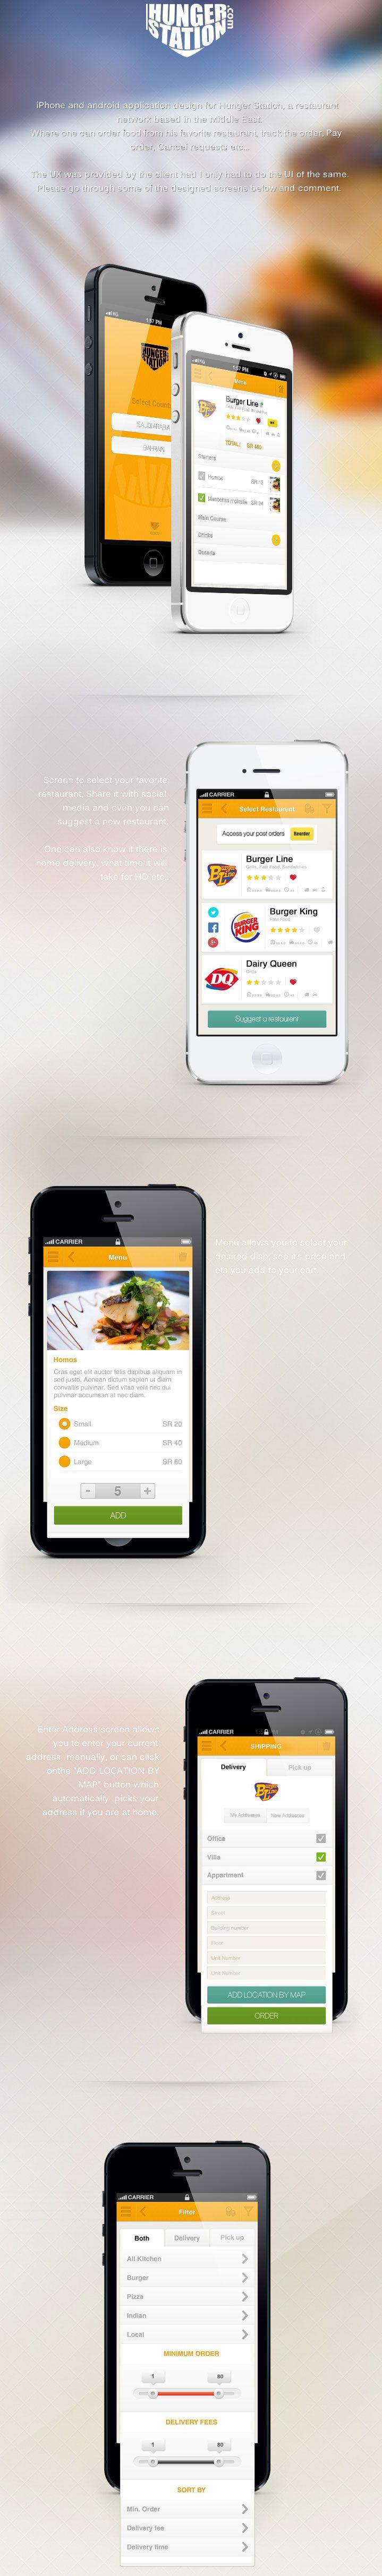 Food app #mobile #webdesign #app #layout #design #ui